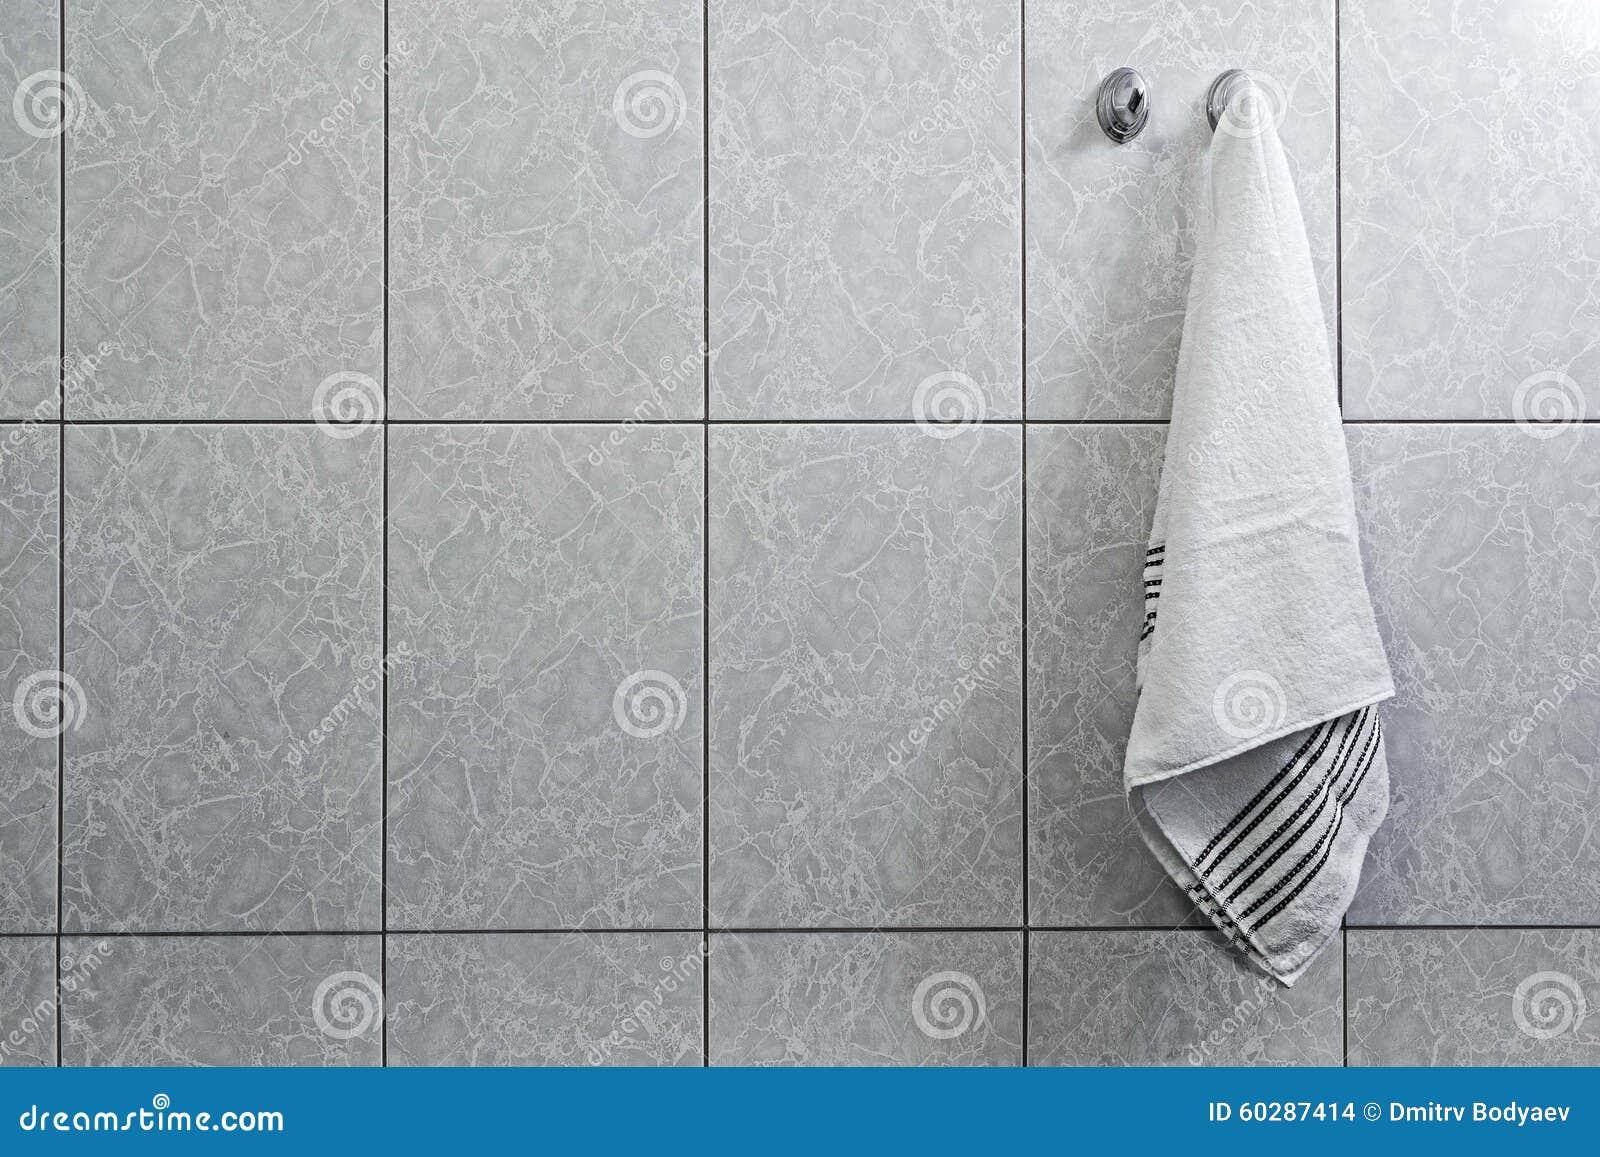 Tuch Das Am Haken Hängt Stockfoto Bild Von Obacht Sauber 60287414